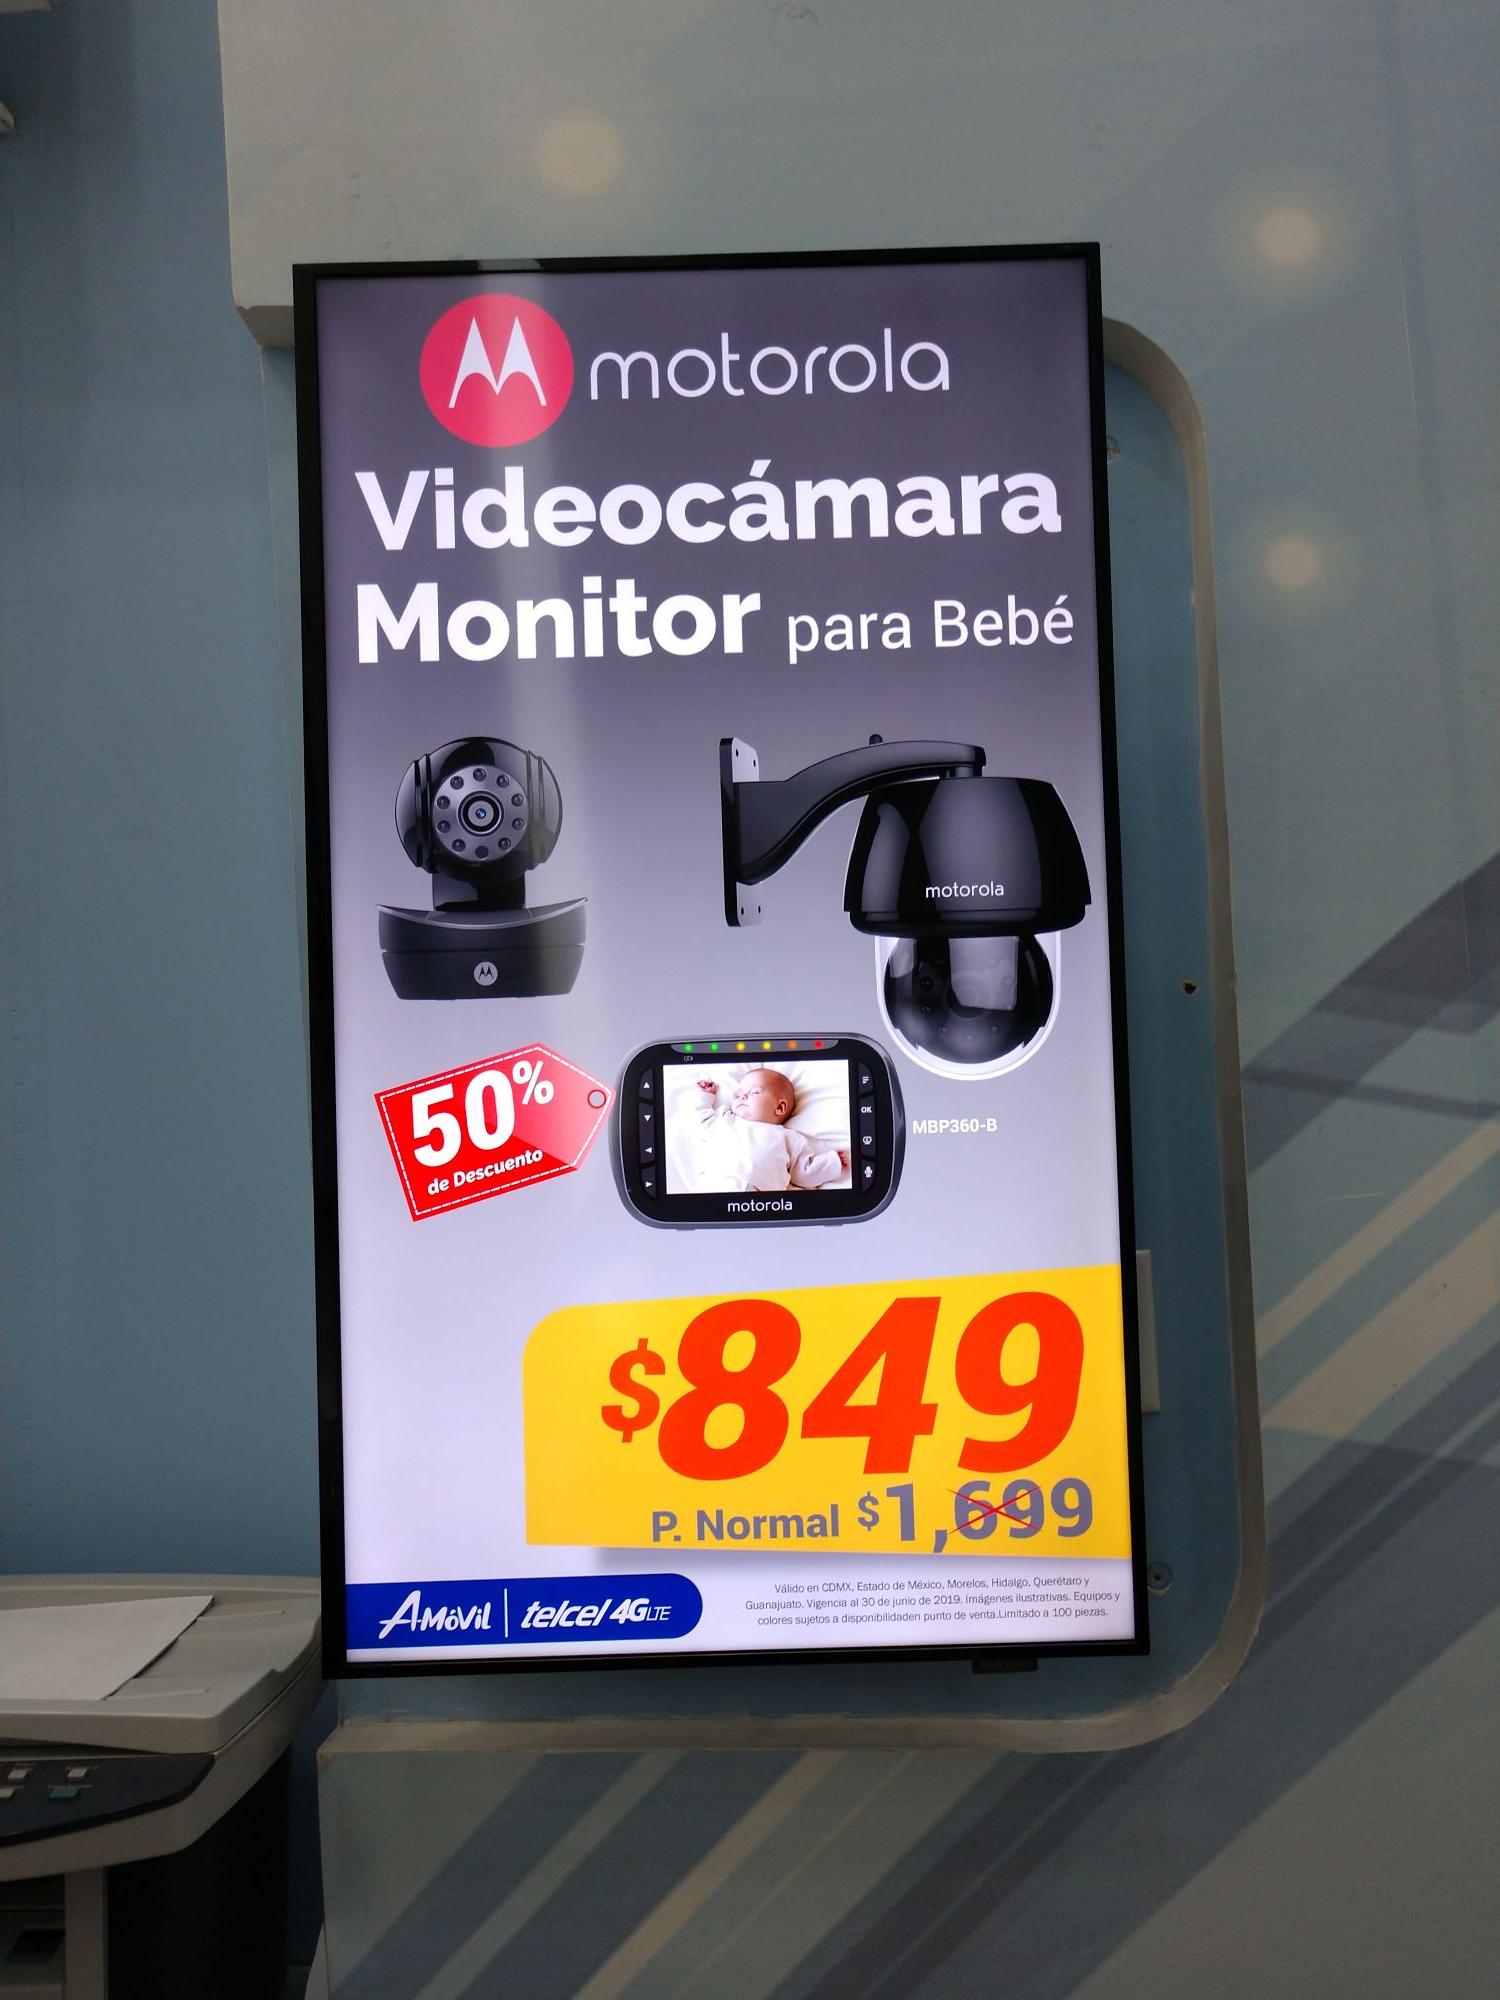 AMOVIL: Videocámara monitor para bebe Motorola y Videocámara de seguridad Motorola